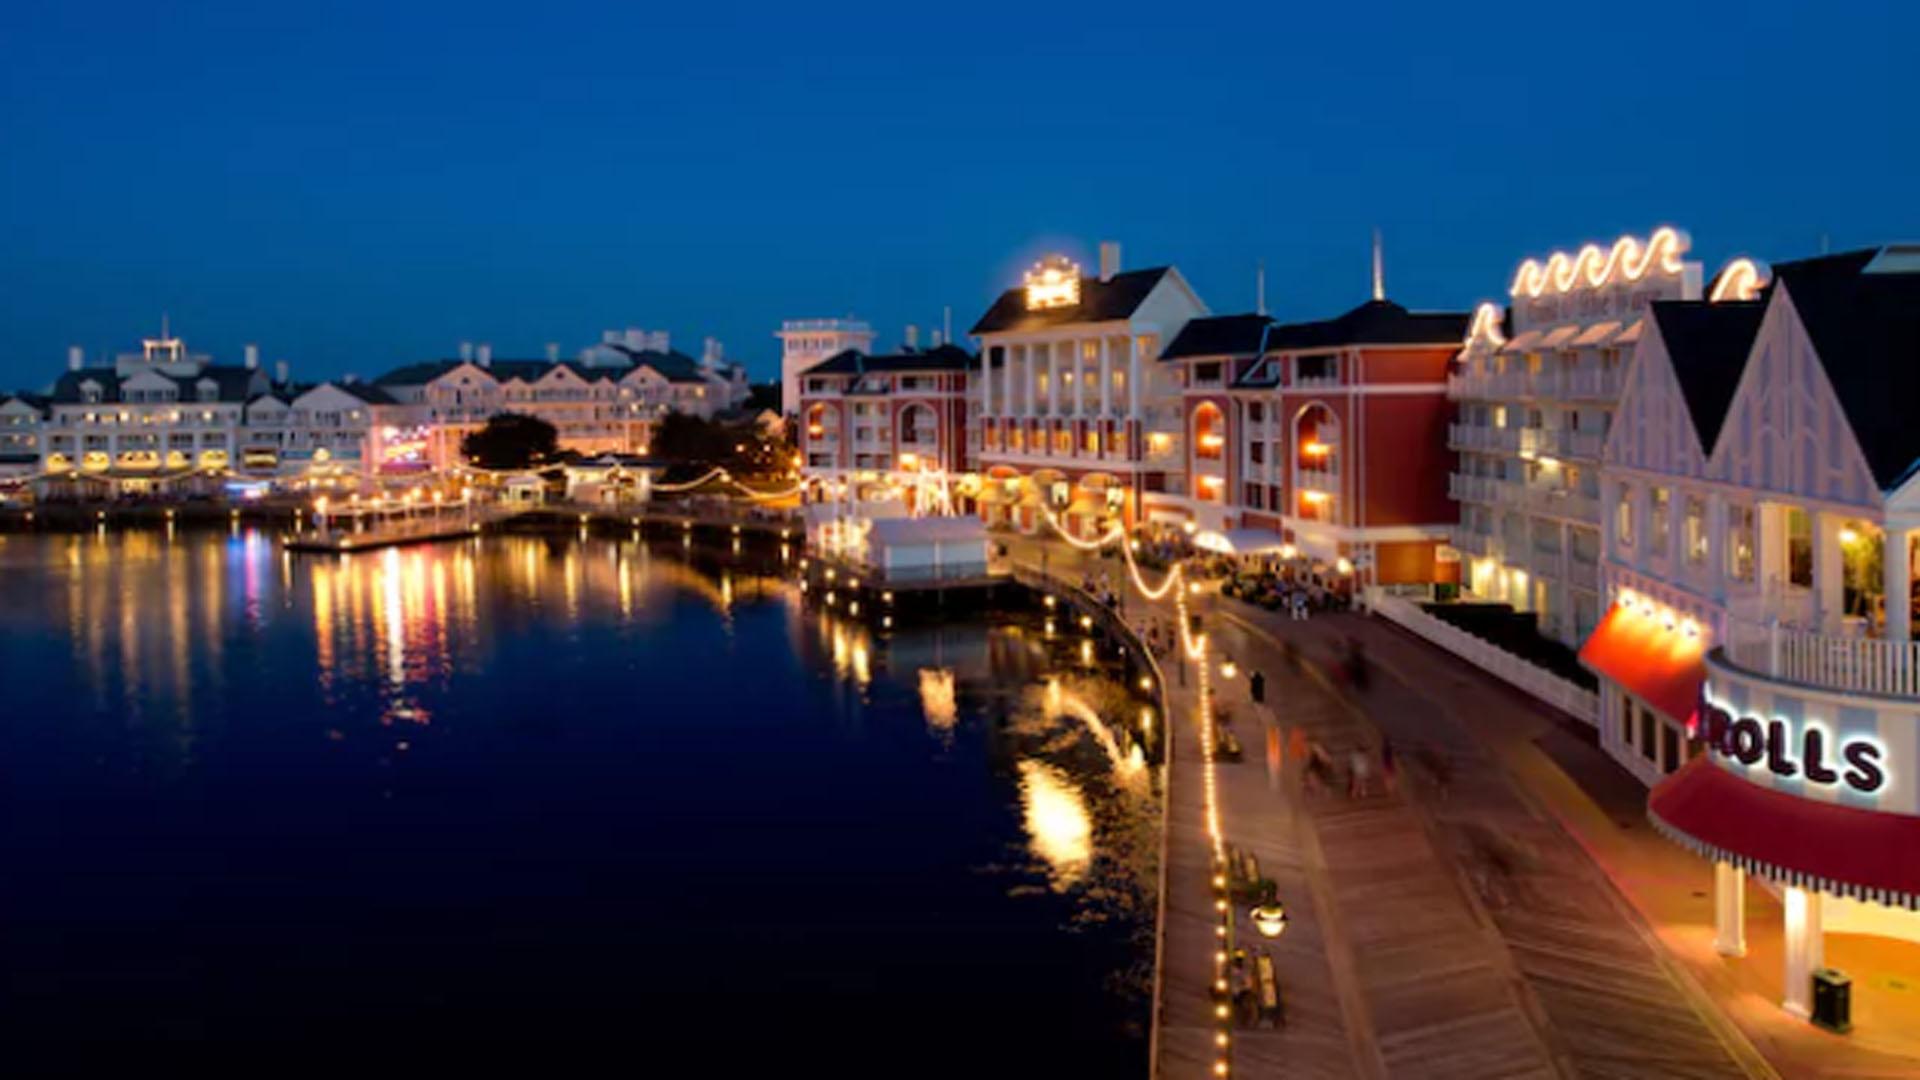 Este lugar representa la fantasía de Atlantic City